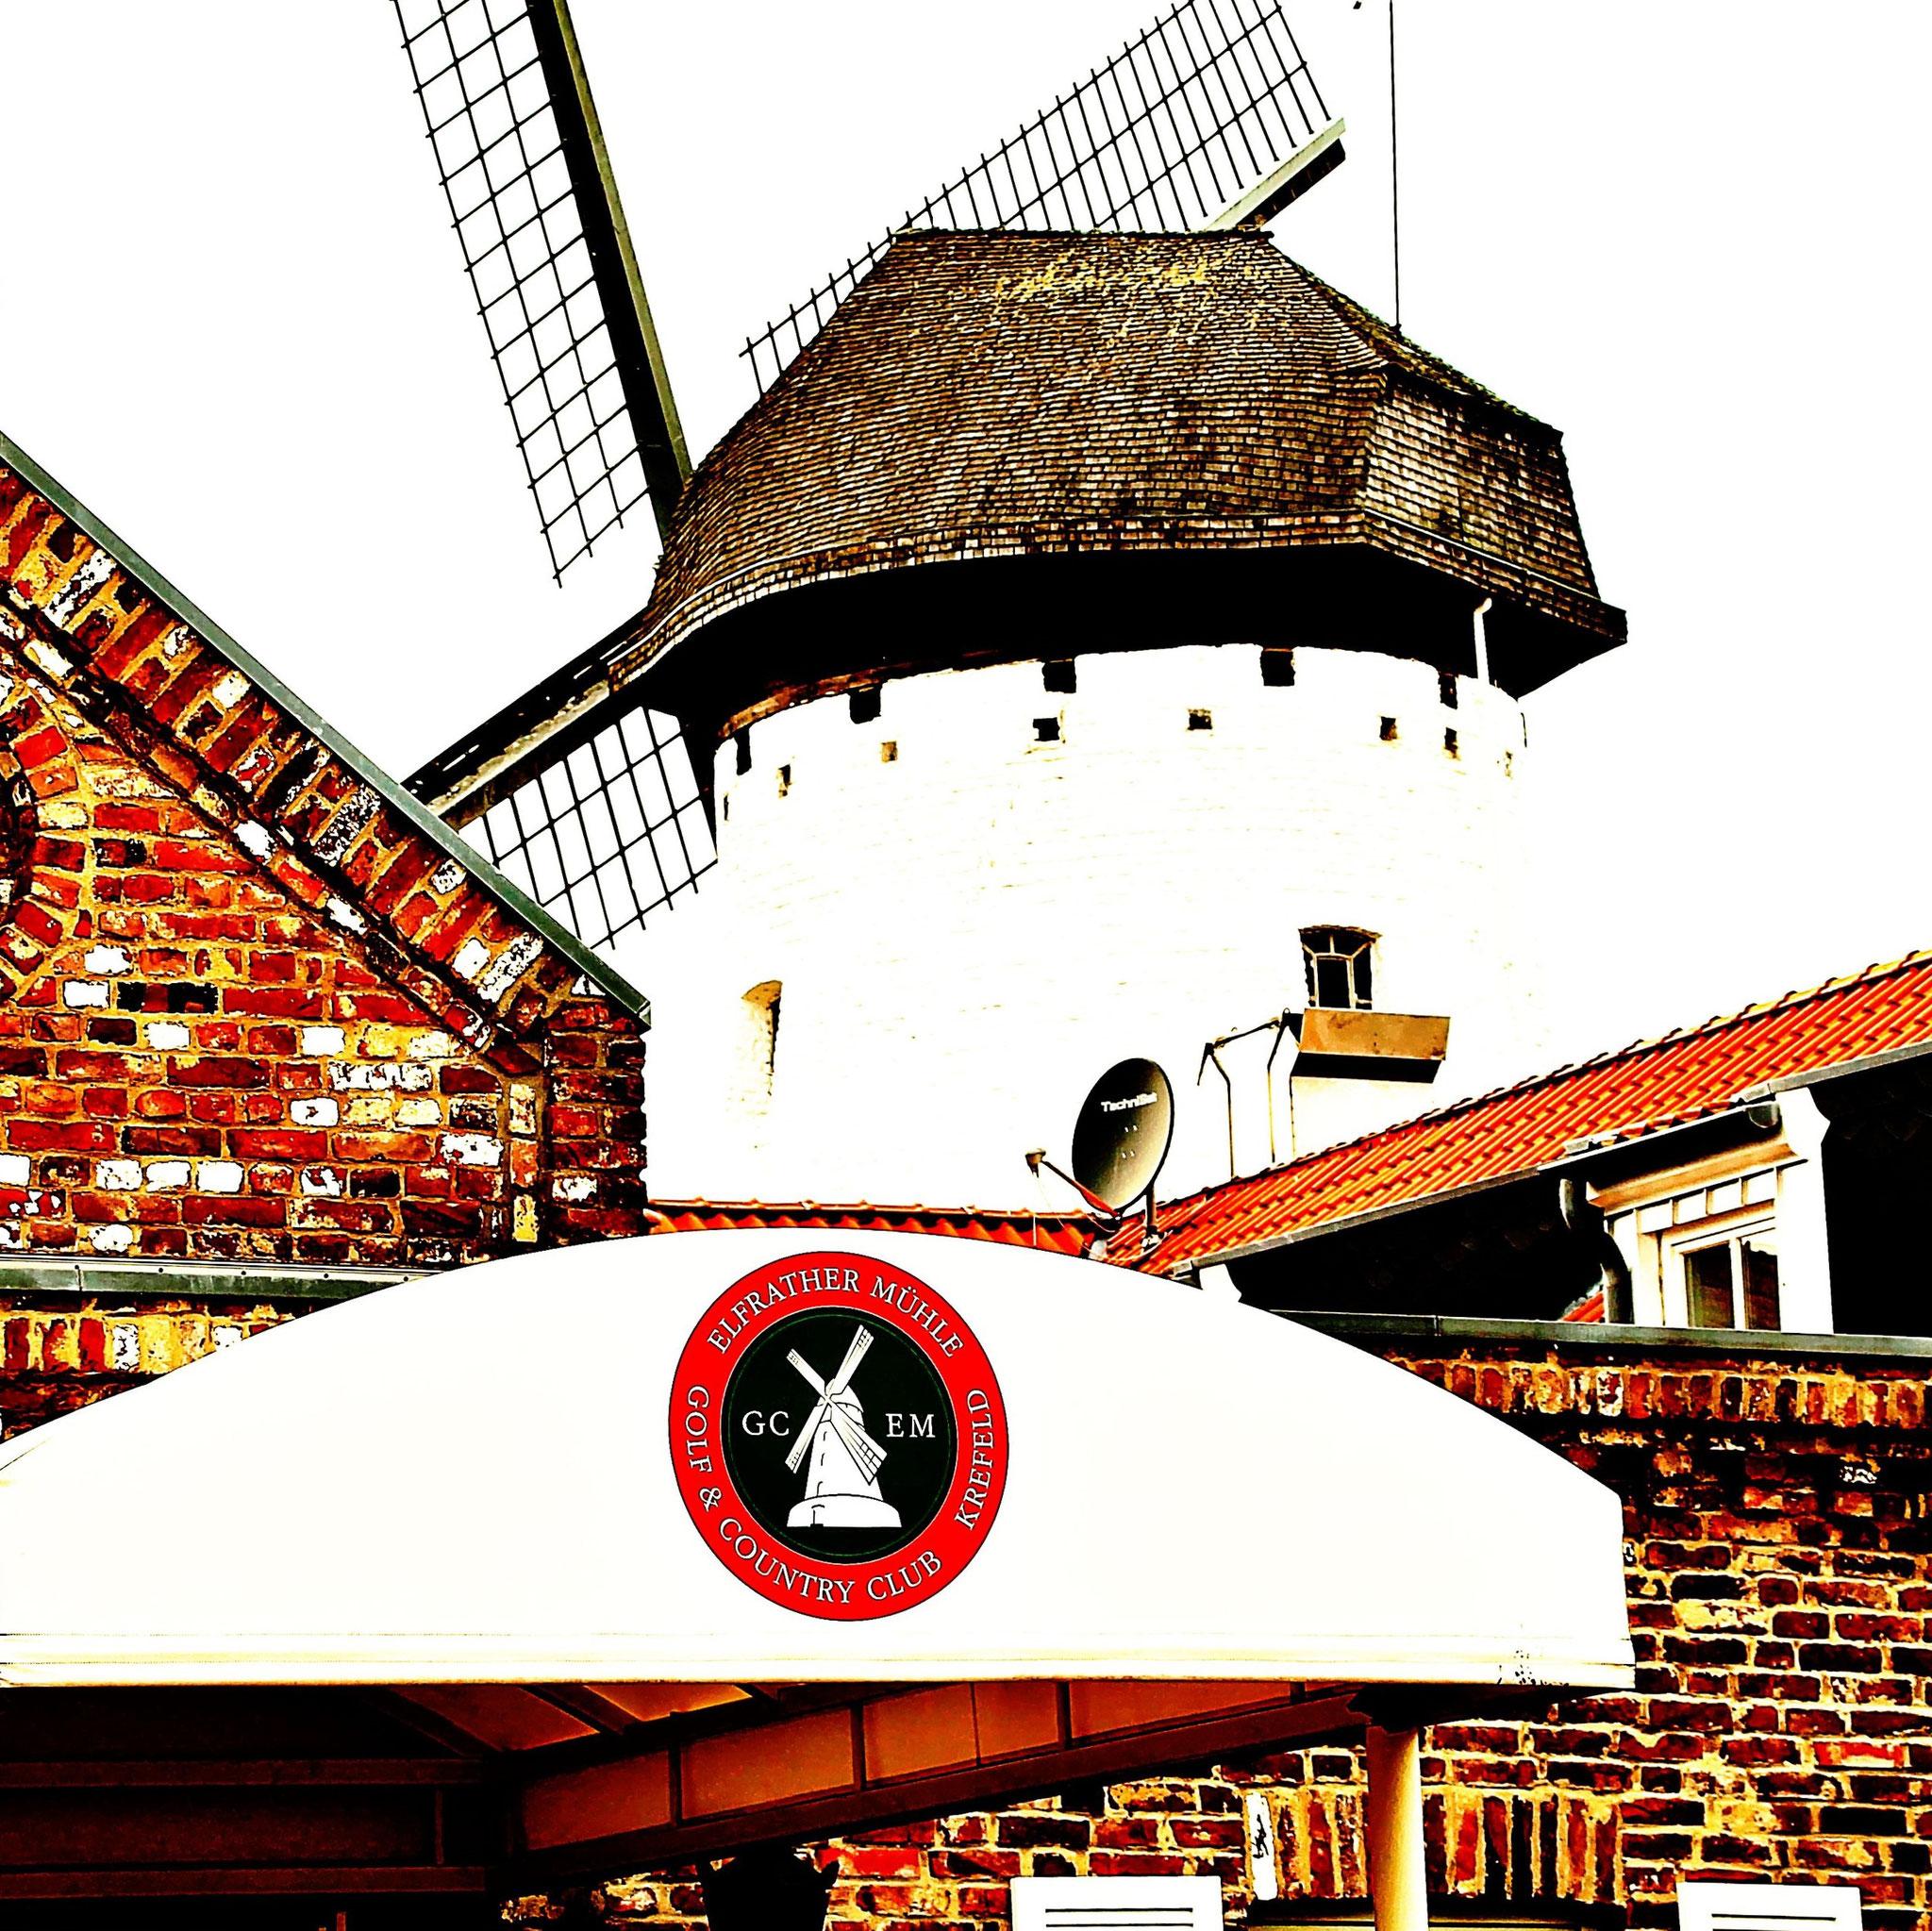 Grefrather Mühle